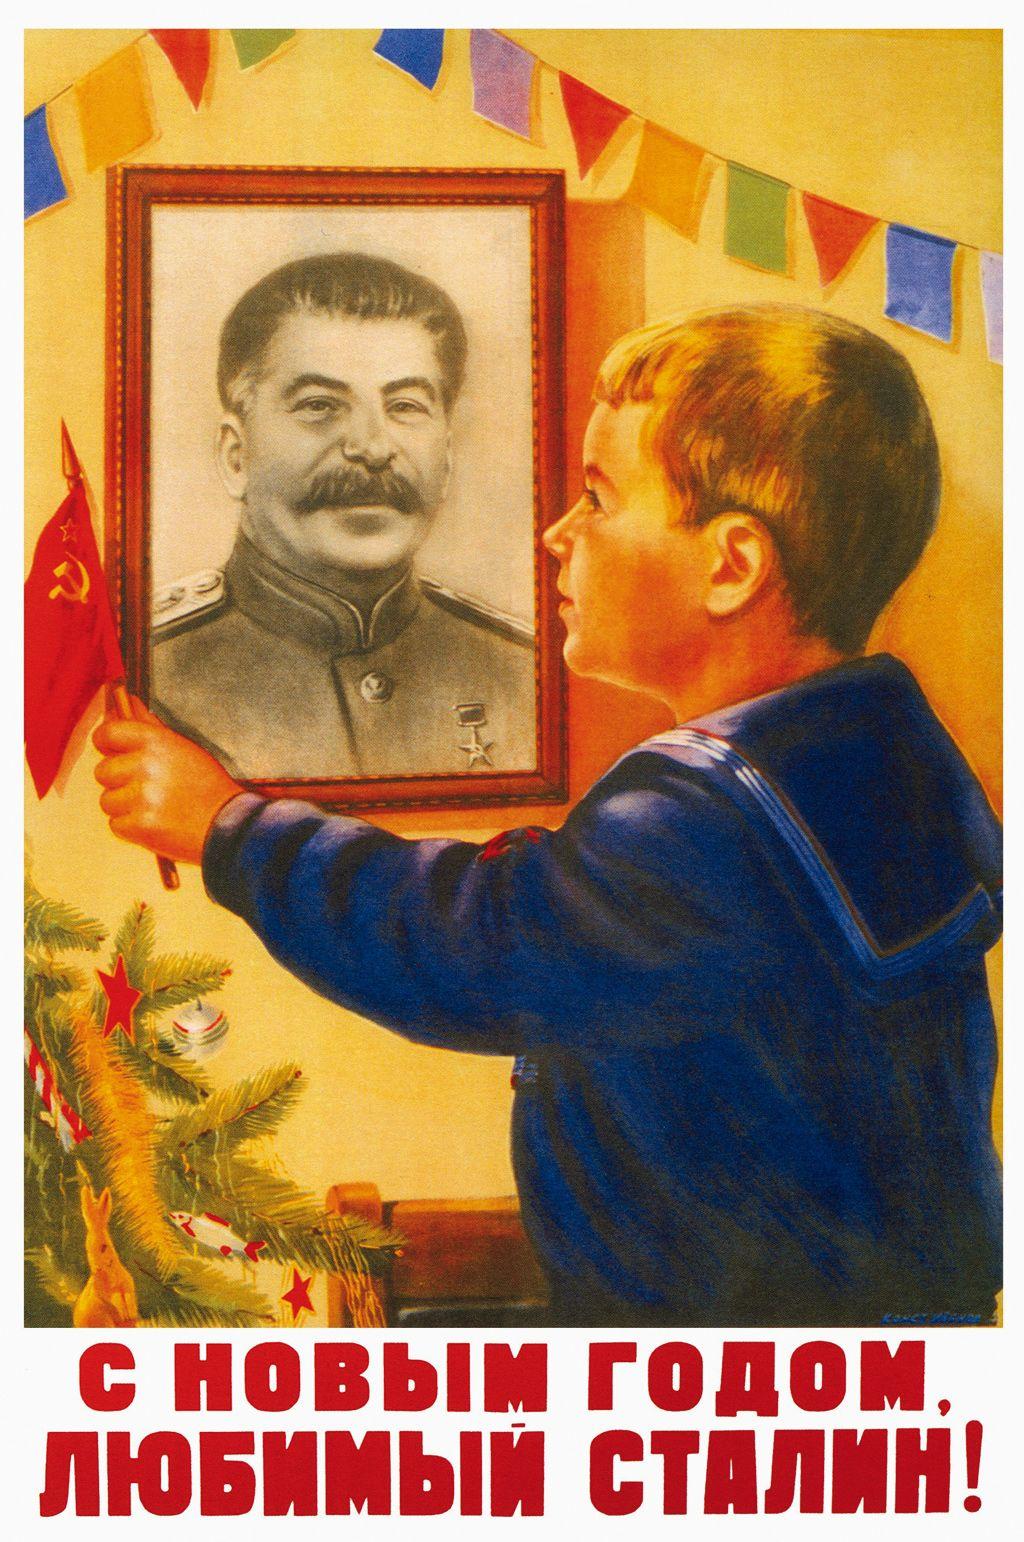 """""""Wszystkiego najlepszego w nowym roku, kochany Stalinie"""". Plakat K. Iwanowa z 1952 roku."""